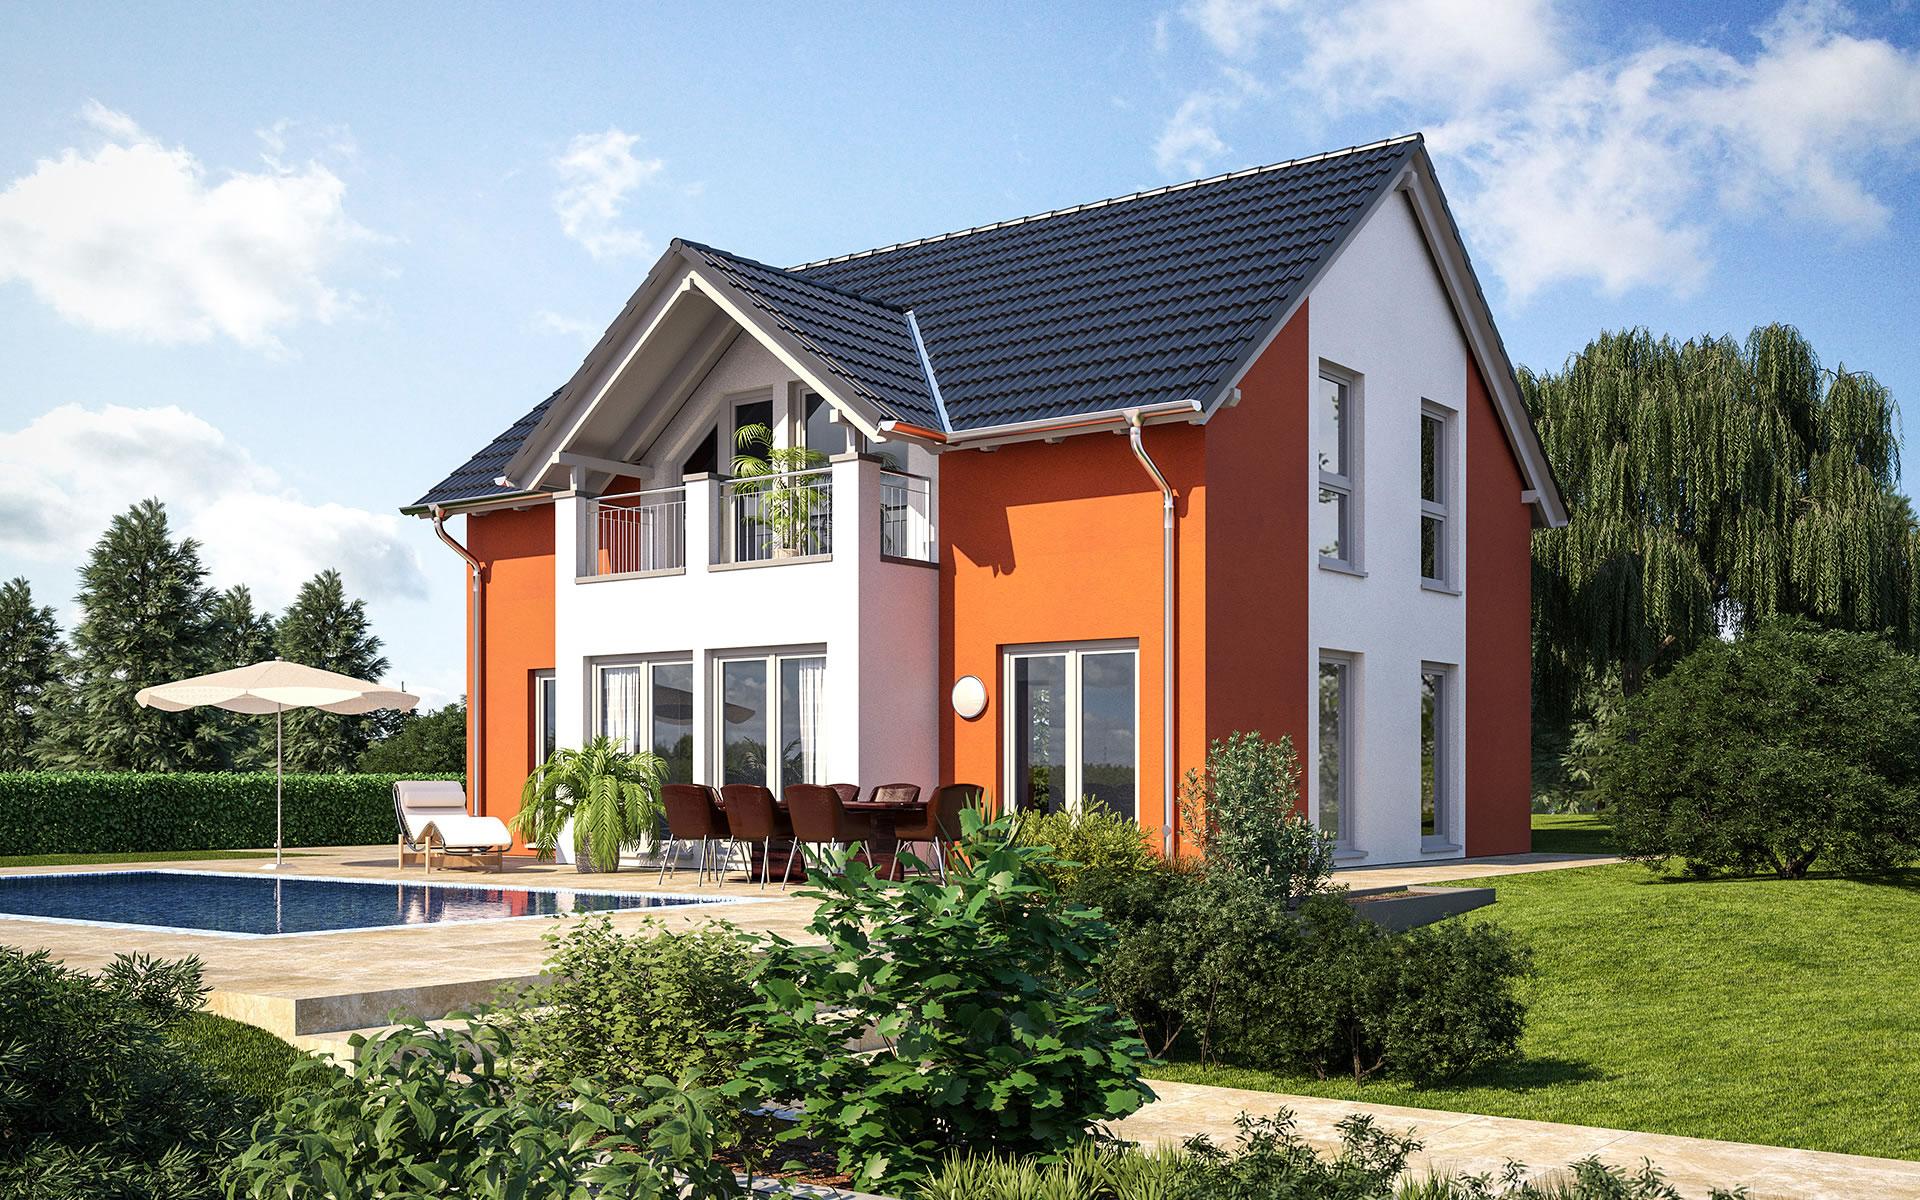 Esprit 149 von Bärenhaus - das fertige Haus GmbH